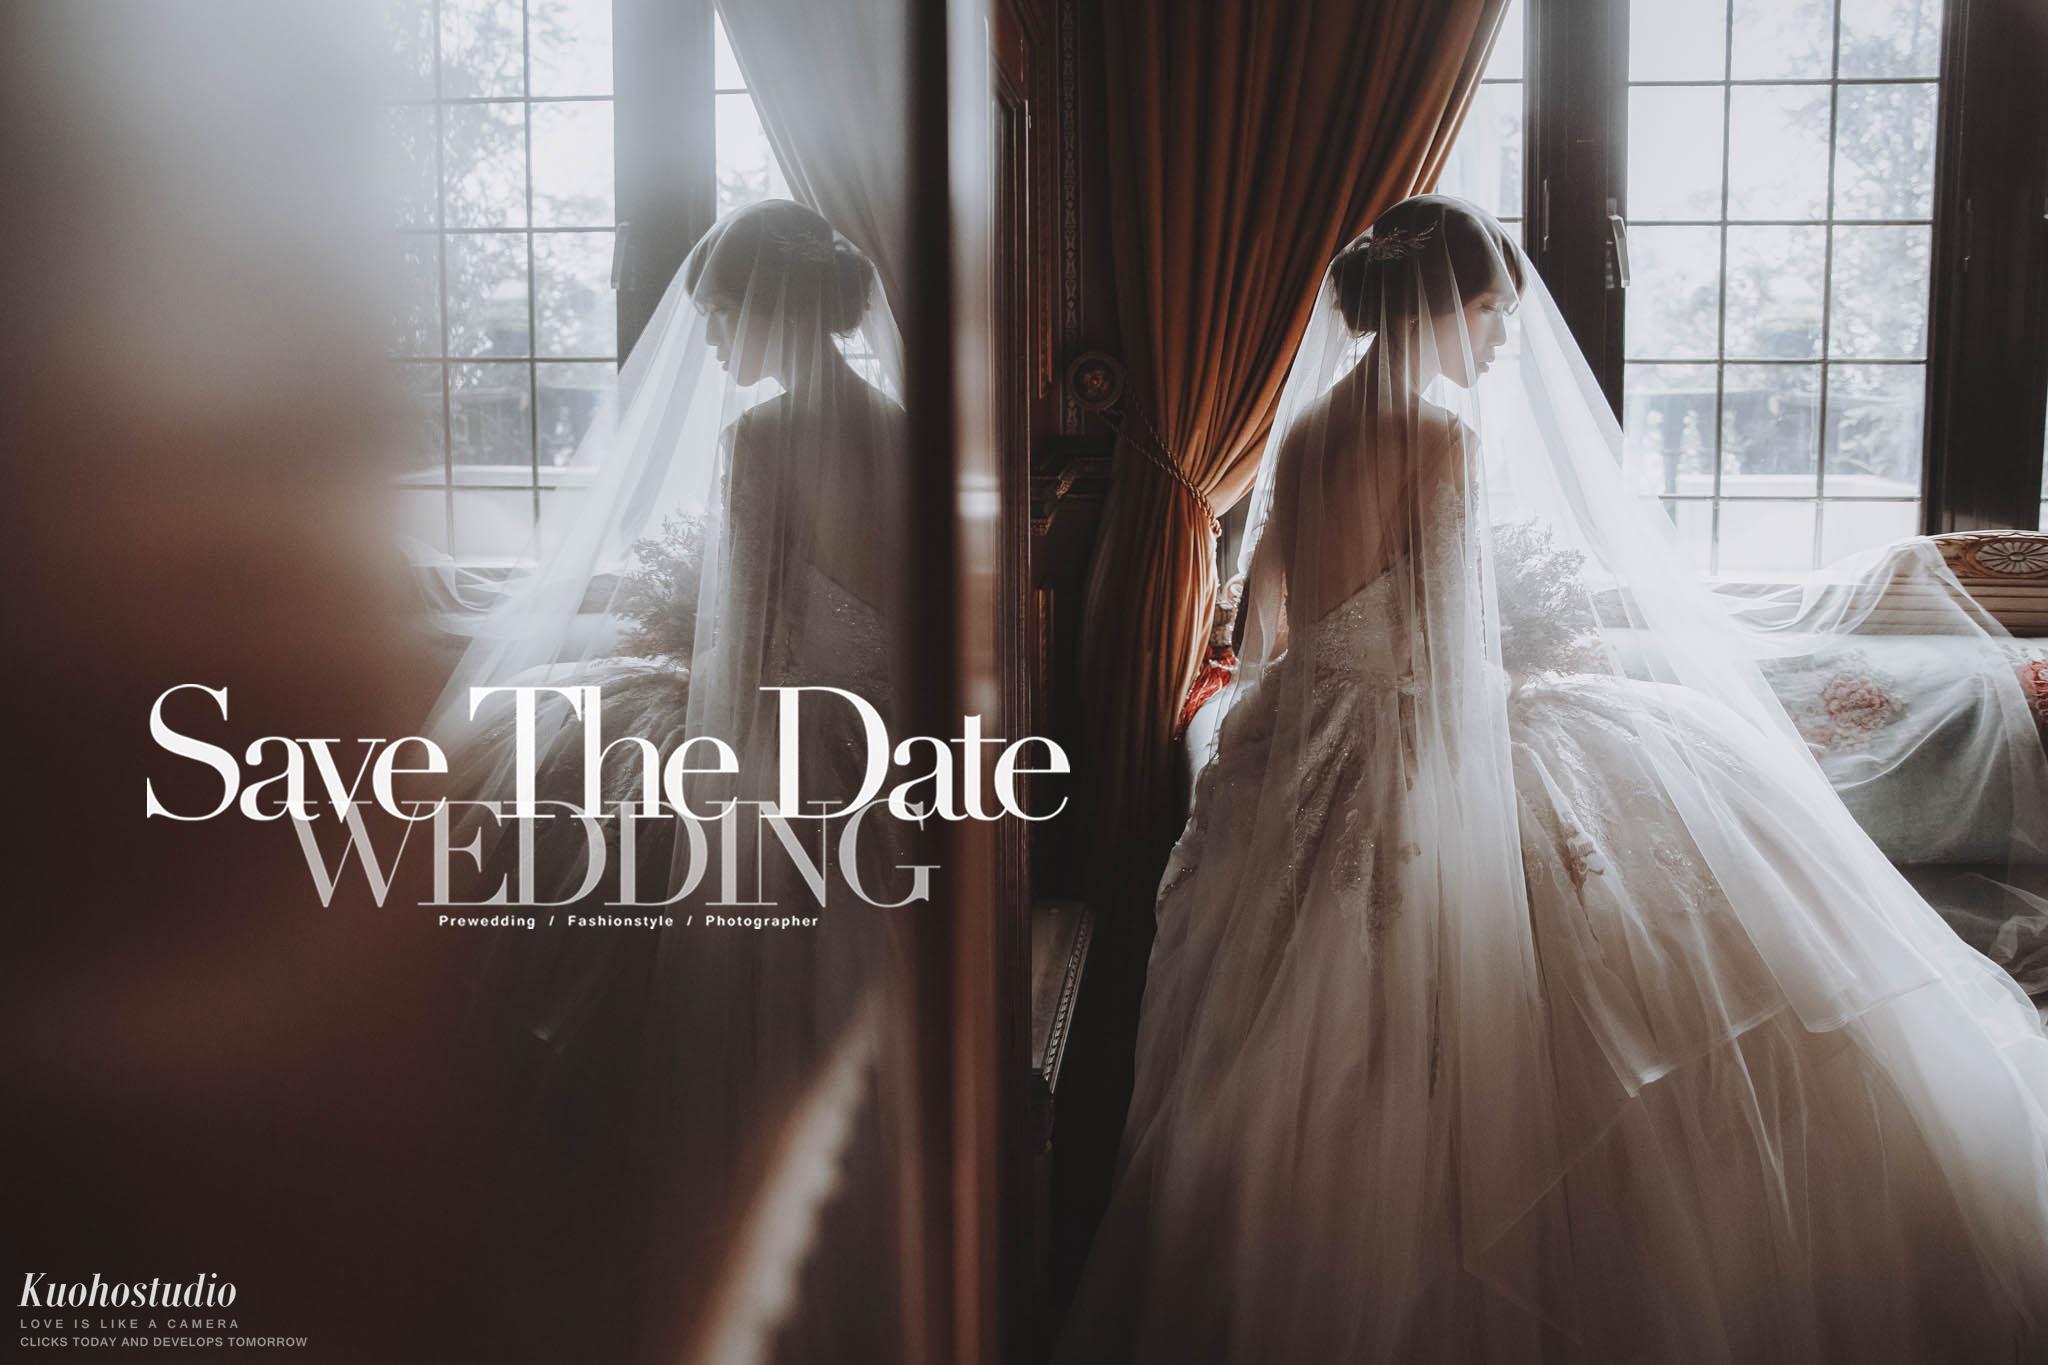 台中婚紗工作室,古堡婚紗,宮廷婚紗,台中自助婚紗,台北自助婚紗,海外婚紗,台中婚攝,老英格蘭,郭賀影像,全球旅拍,老英格蘭婚紗,南投婚紗攝影,老英格蘭莊園,婚紗攝影